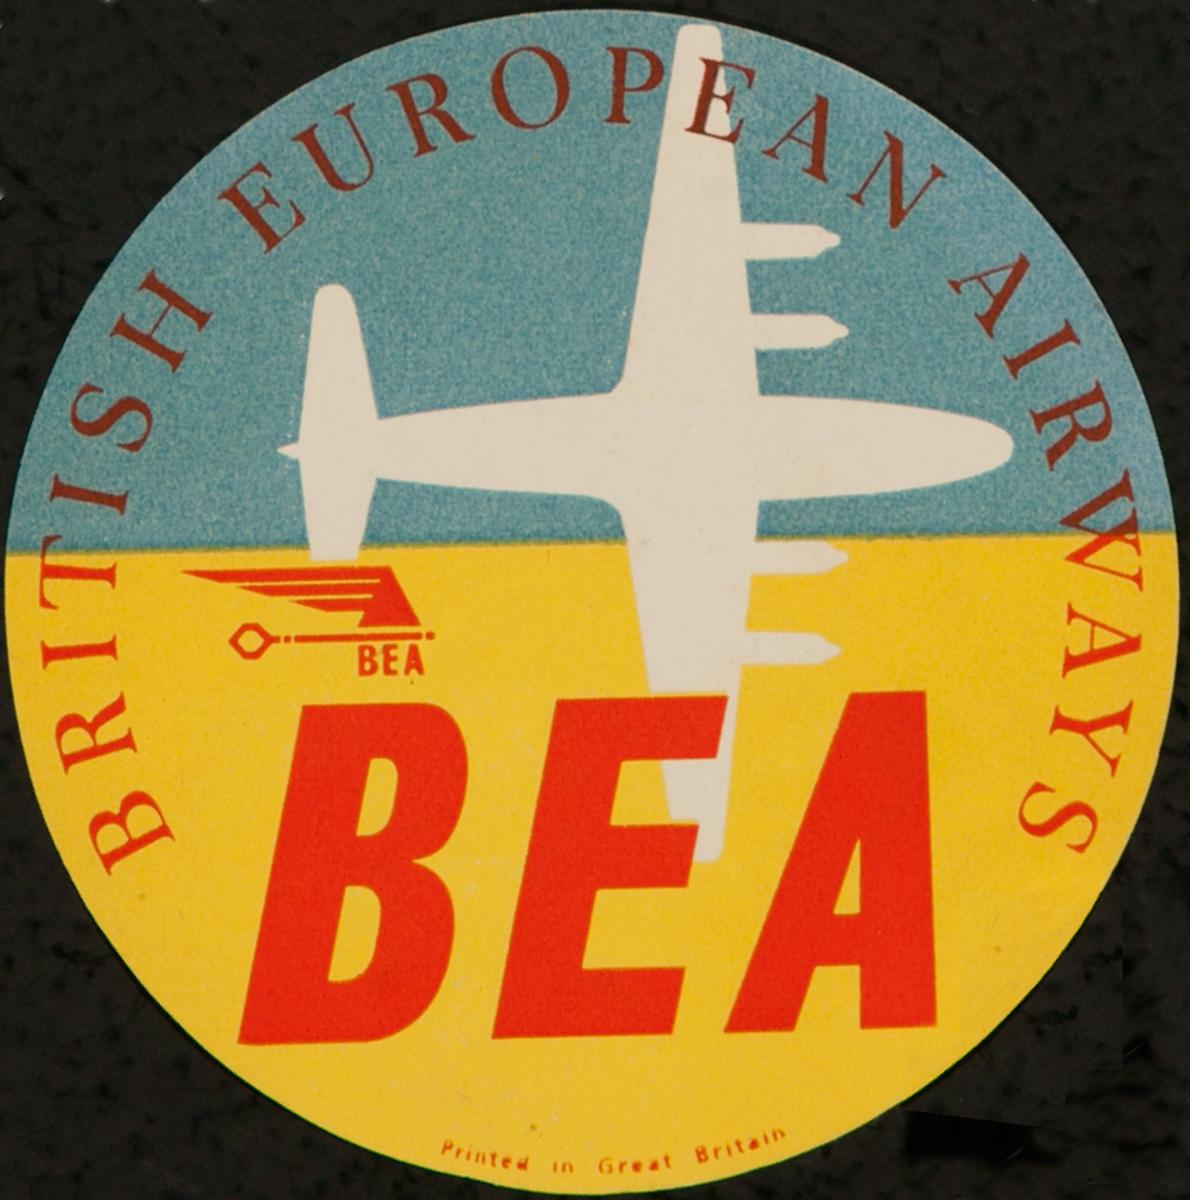 British European Airways BEA Original Luggage Label